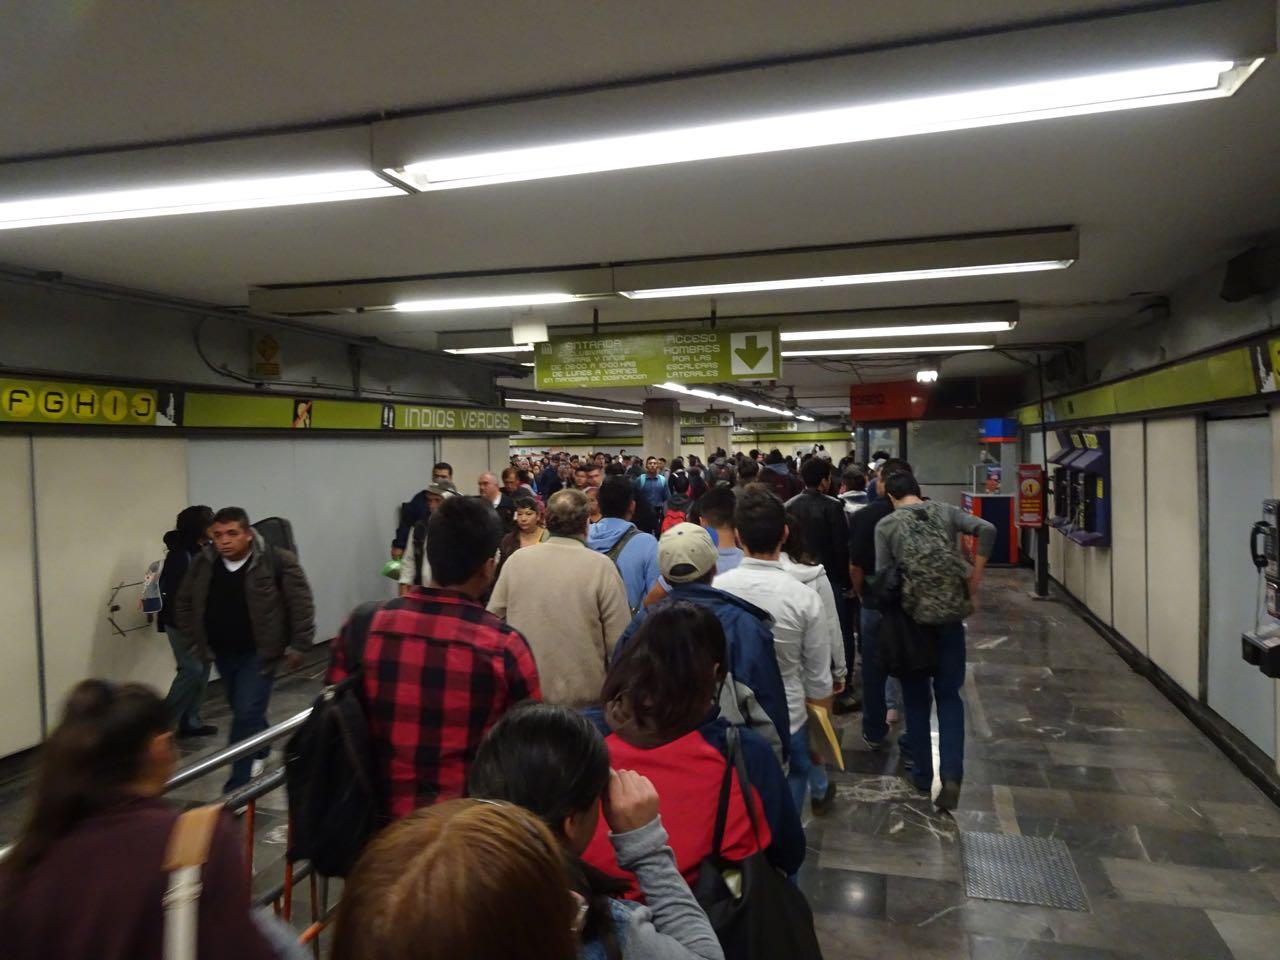 Anstehen für Tickets in der Metro